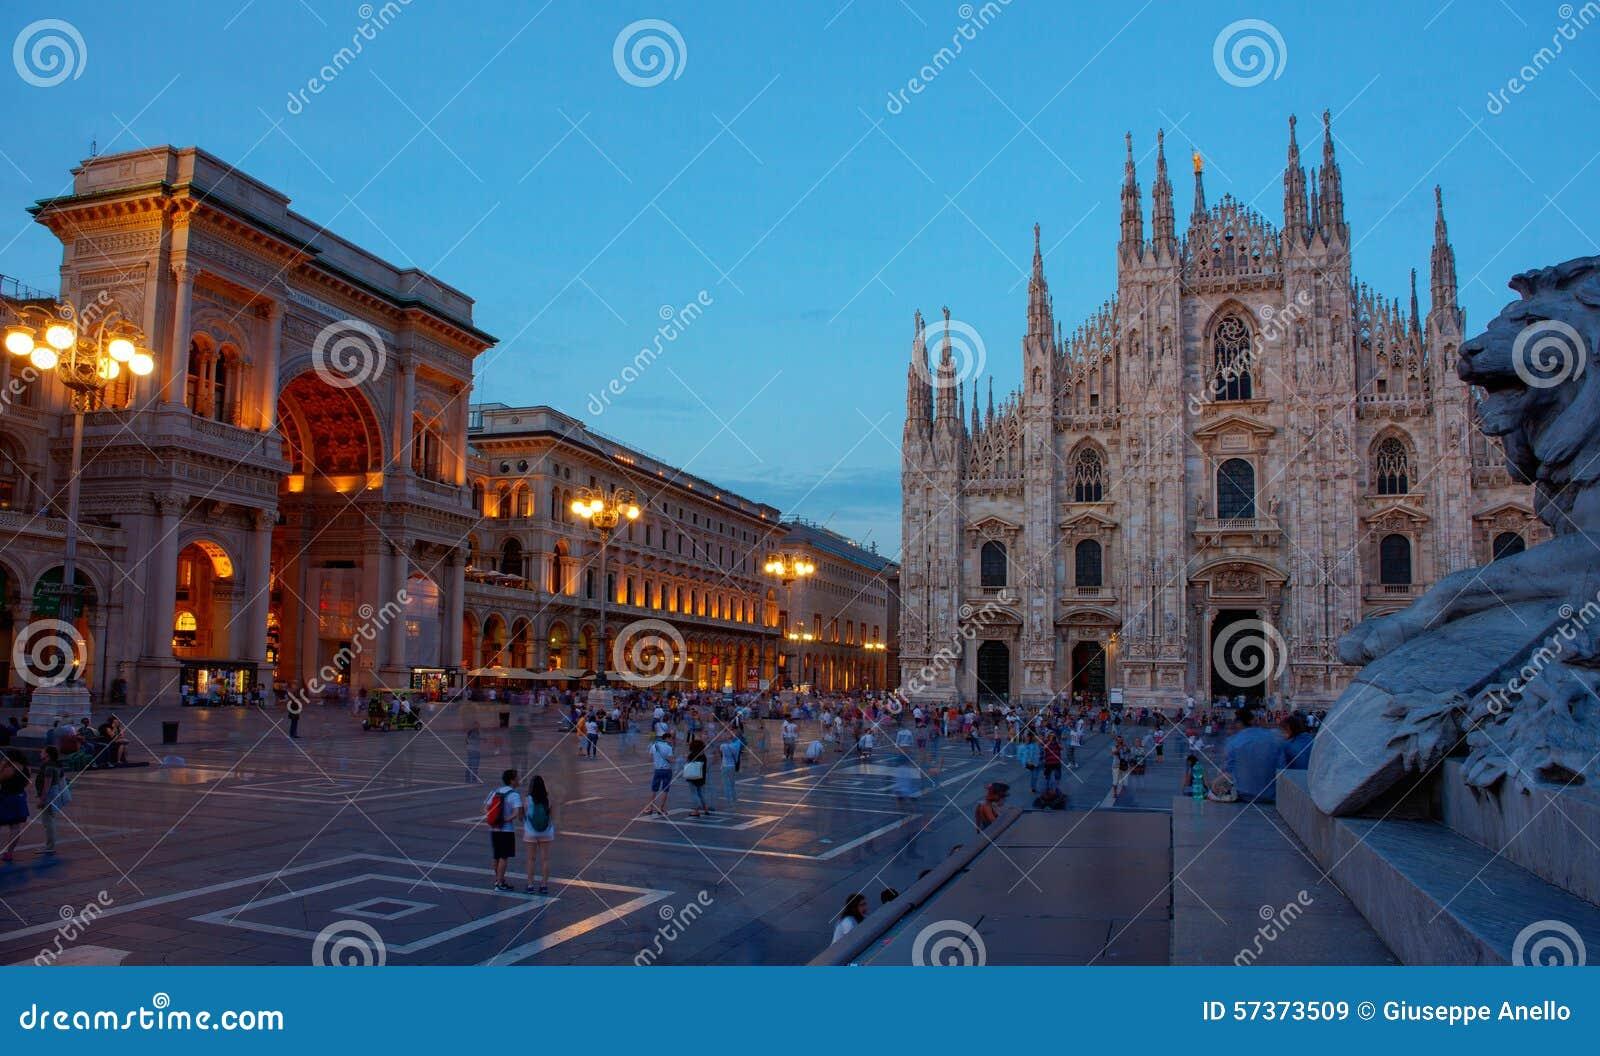 Piazza del Duomo, Μιλάνο